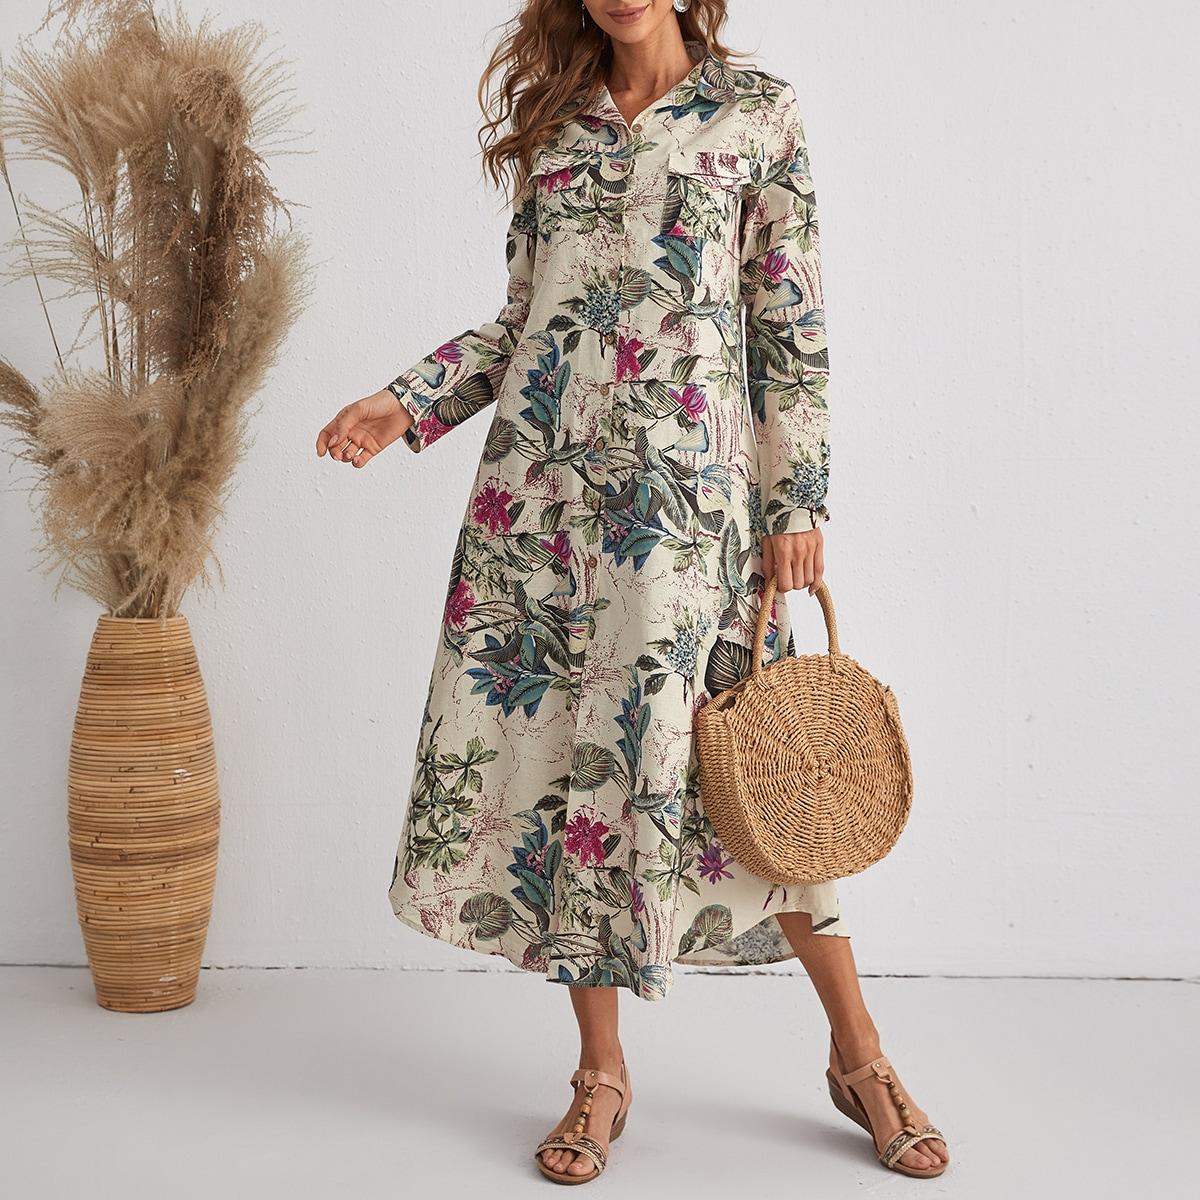 Vestido camisero con botón floral